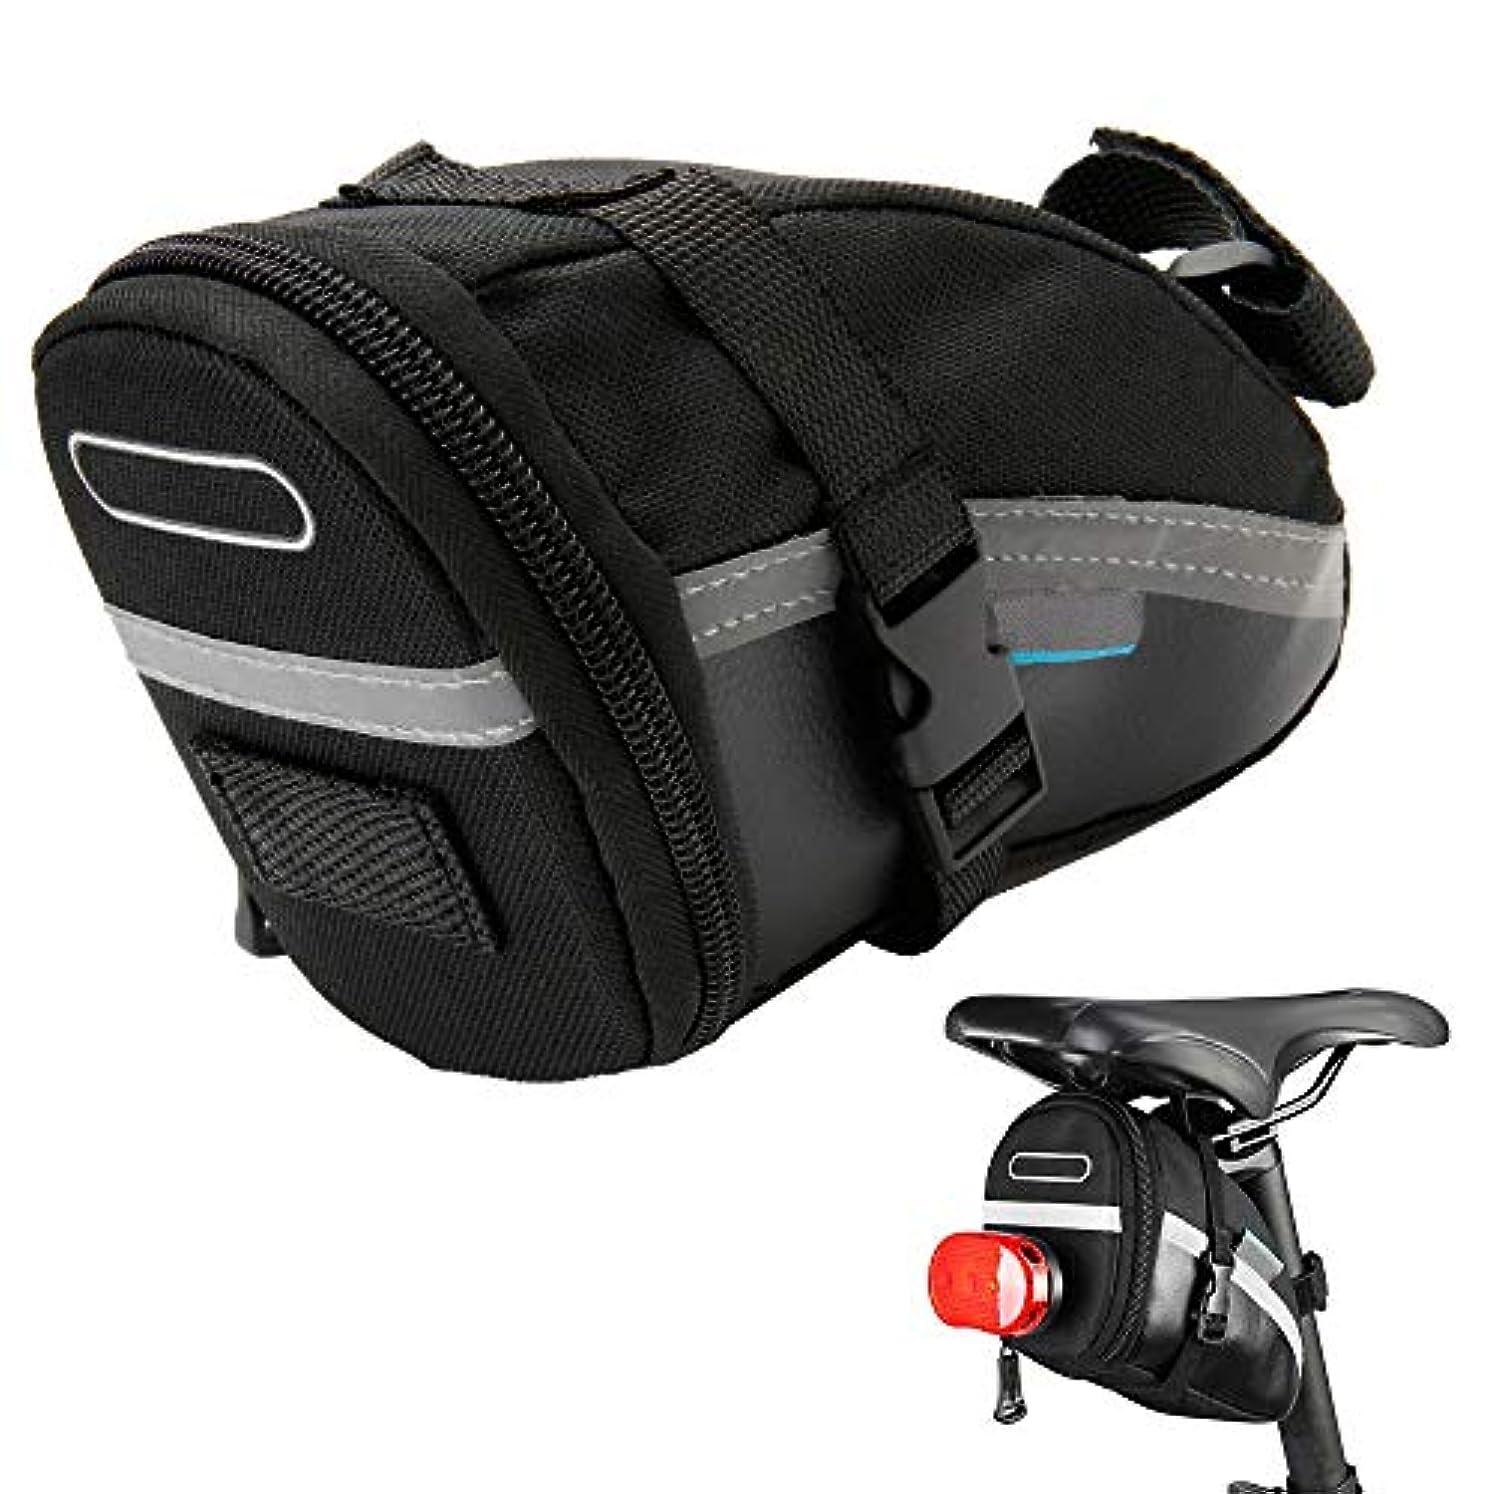 加害者鑑定約FantasyRe 自転車 サドルバッグ 自転車バッグ ロードバイク 大容量 ストラップ式 容量拡張可 簡単装着